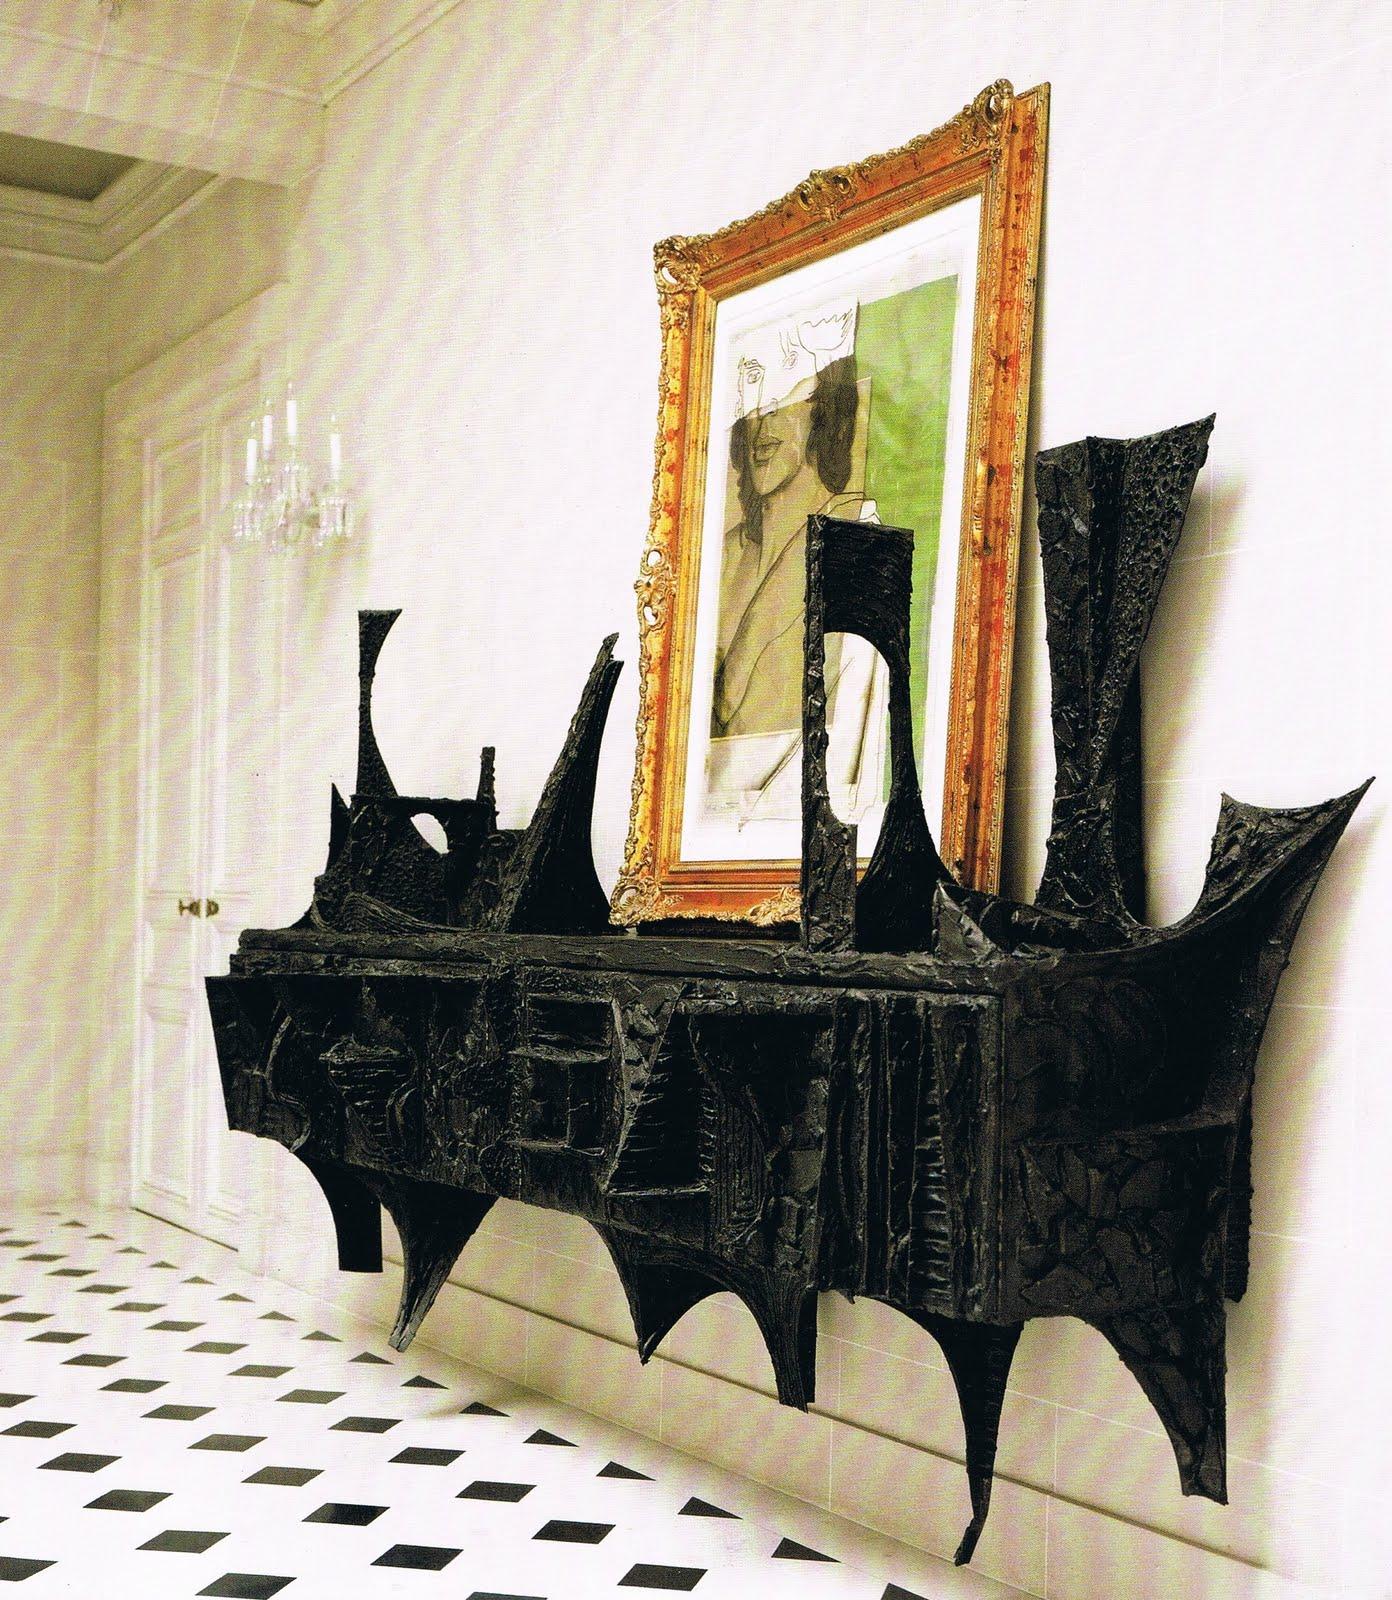 http://1.bp.blogspot.com/-r5vHl7ULMKE/Taeu67H4ZuI/AAAAAAAAAd8/72kqVwqTCPg/s1600/Paul+Evans+sculpture.jpg